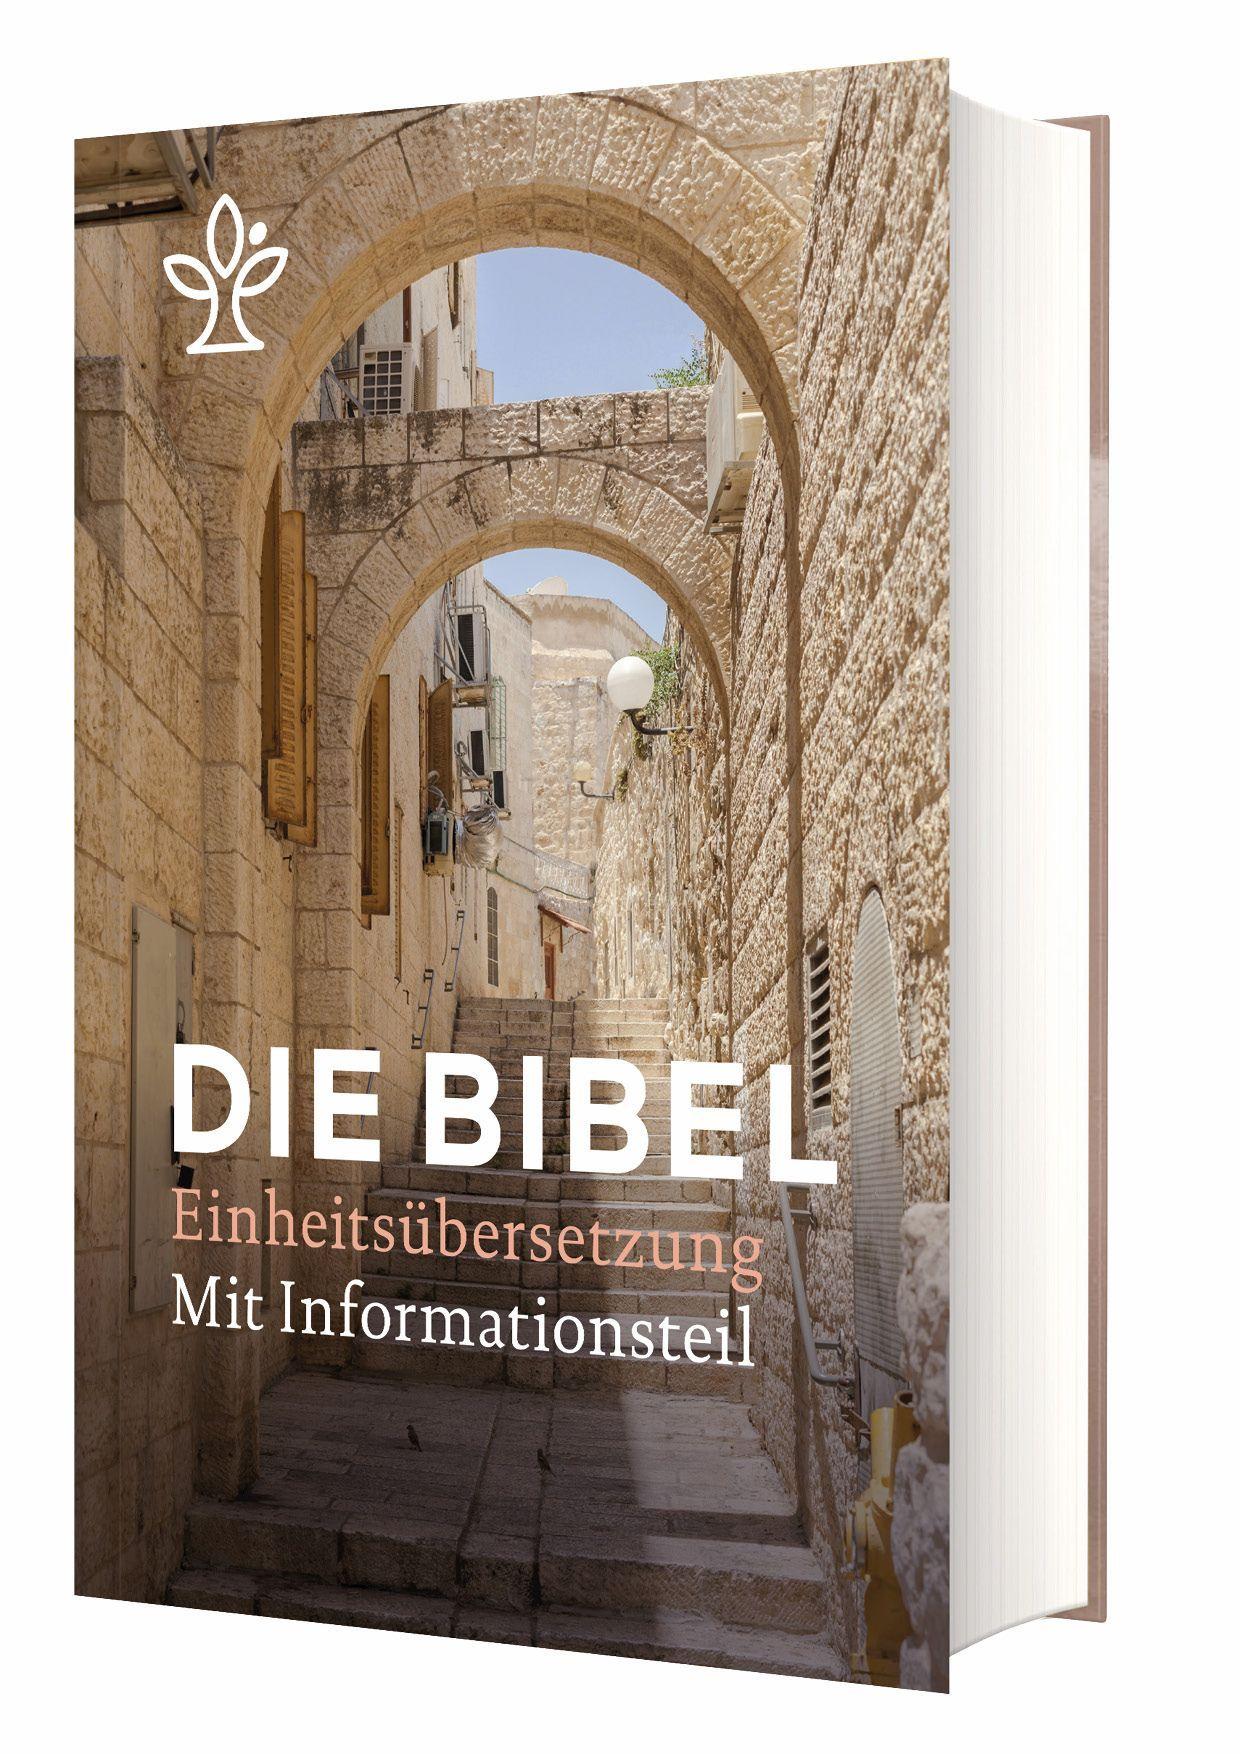 Die Bibel - Einheitsübersetzung mit Informationsteil